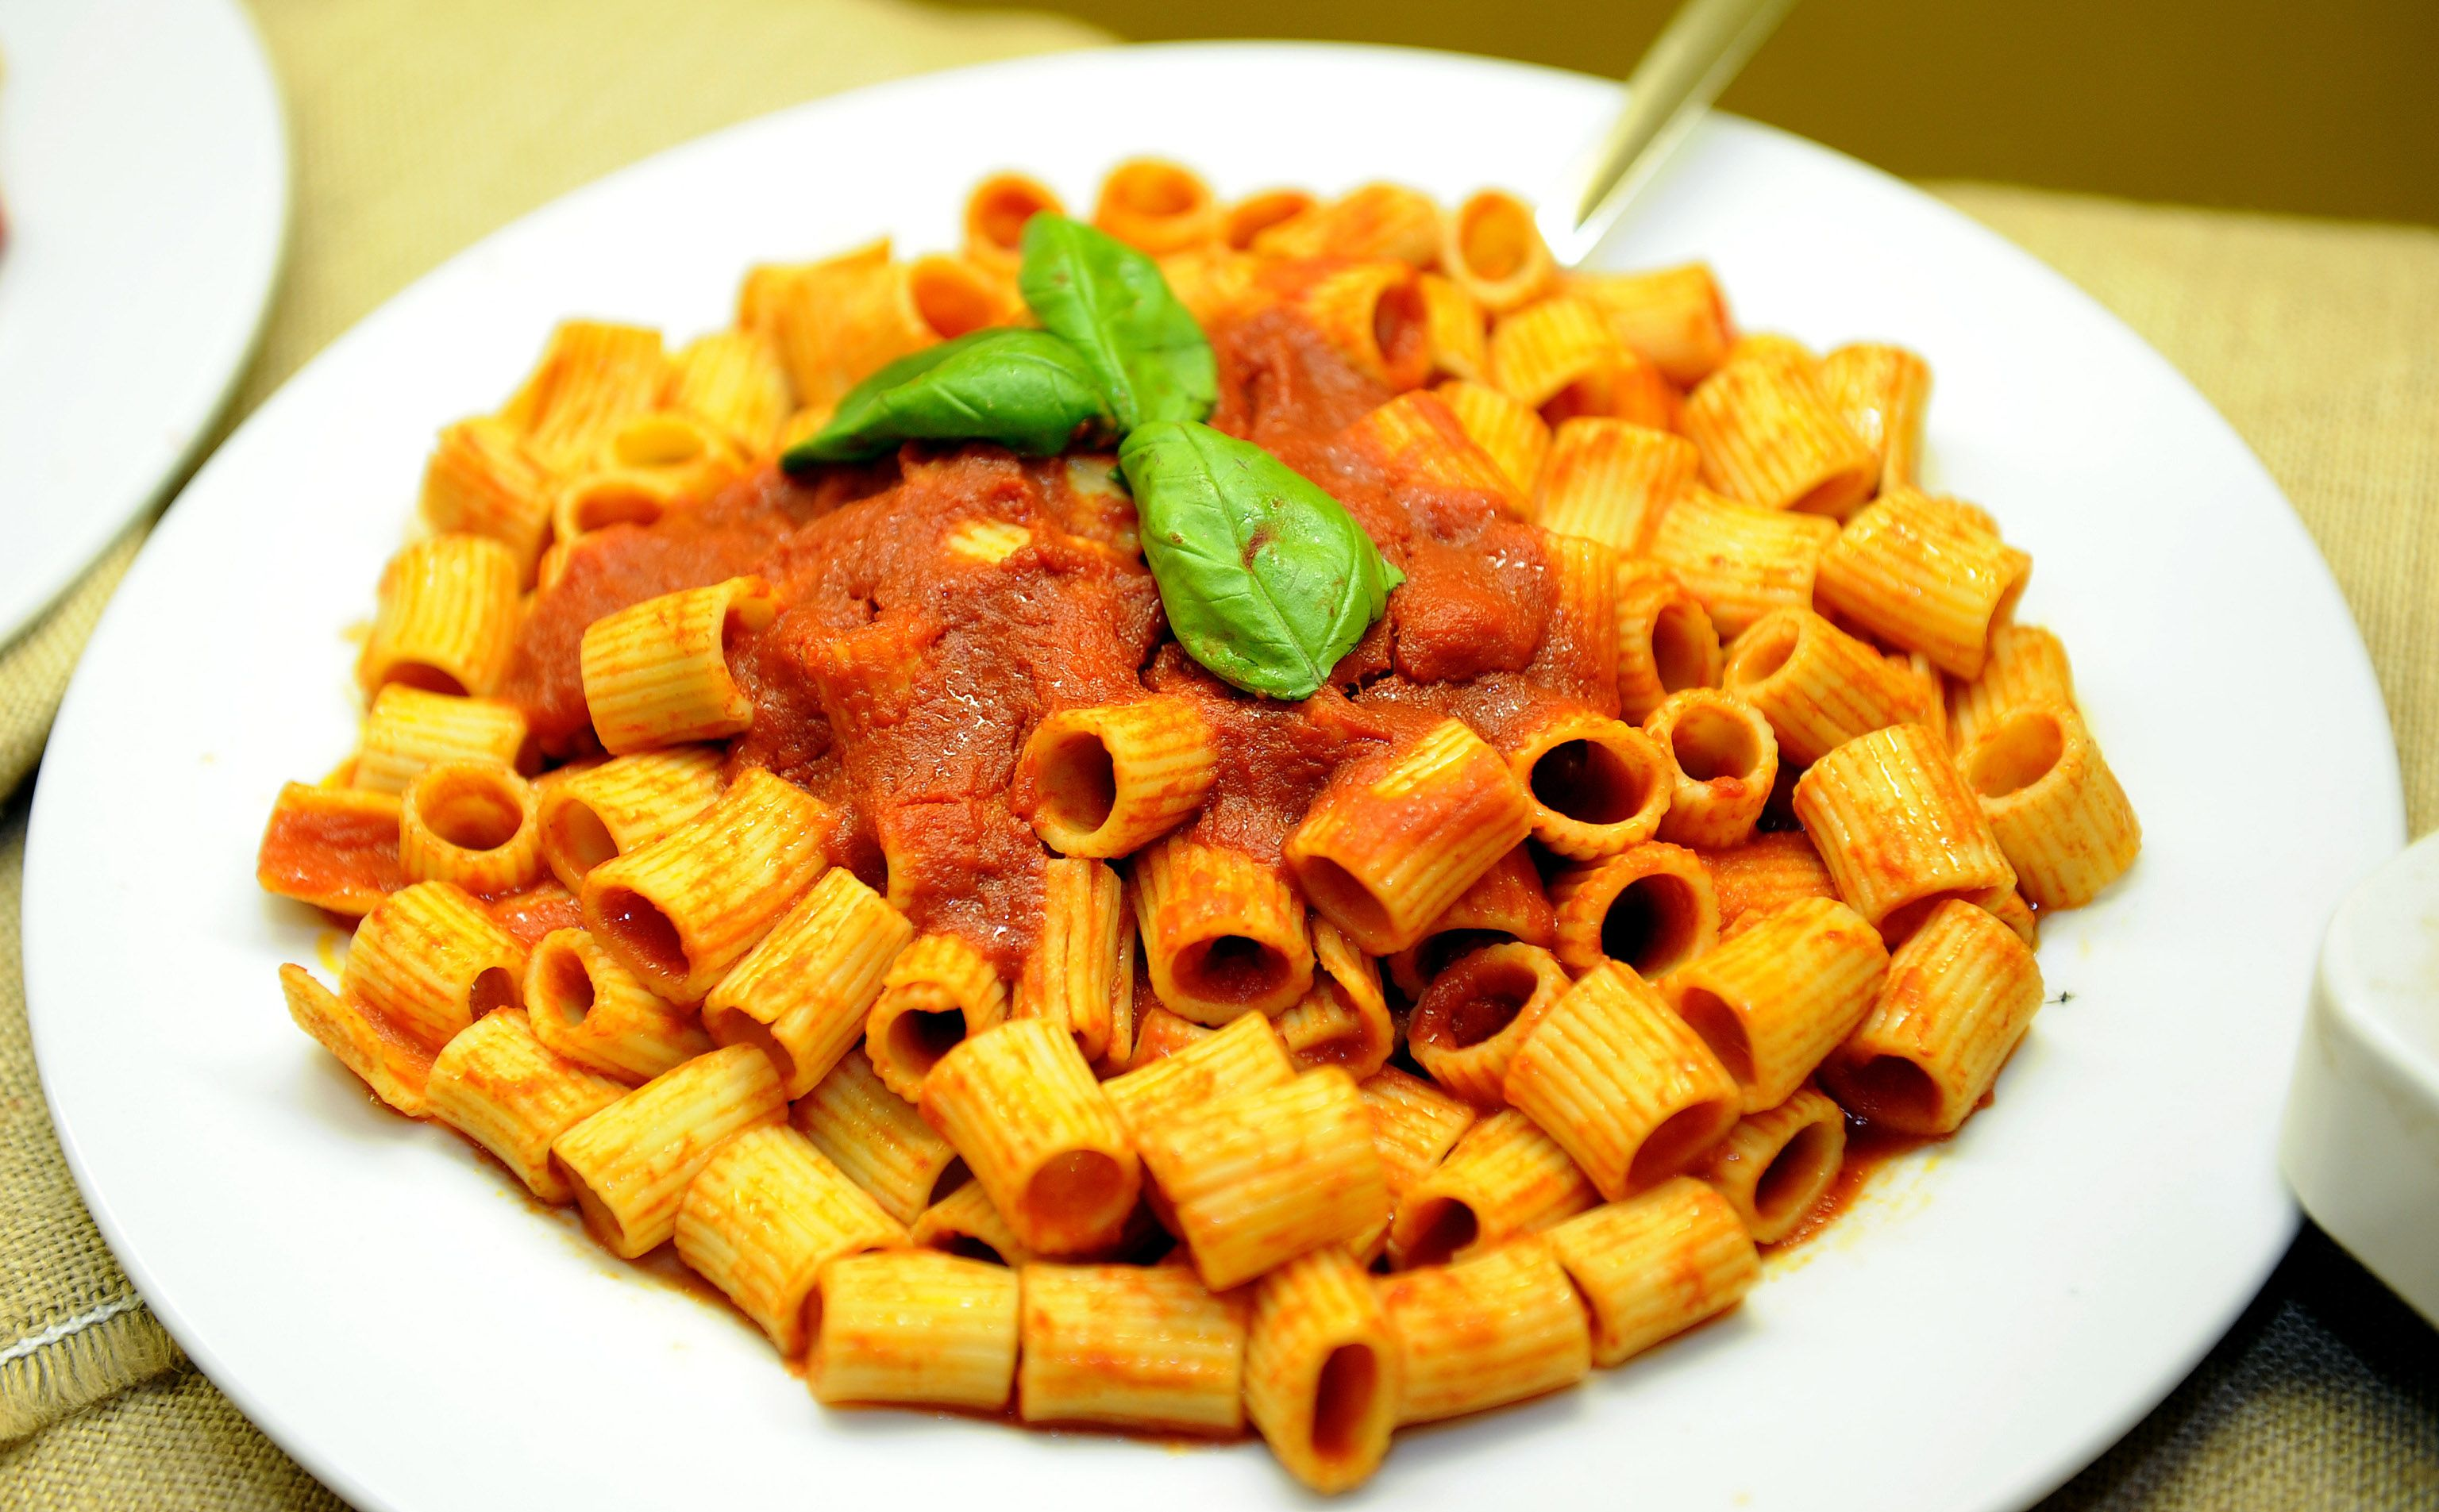 Nonostante la crisi economica l'Italia è il Paese più in salute del mondo. Lo dice Bloomberg